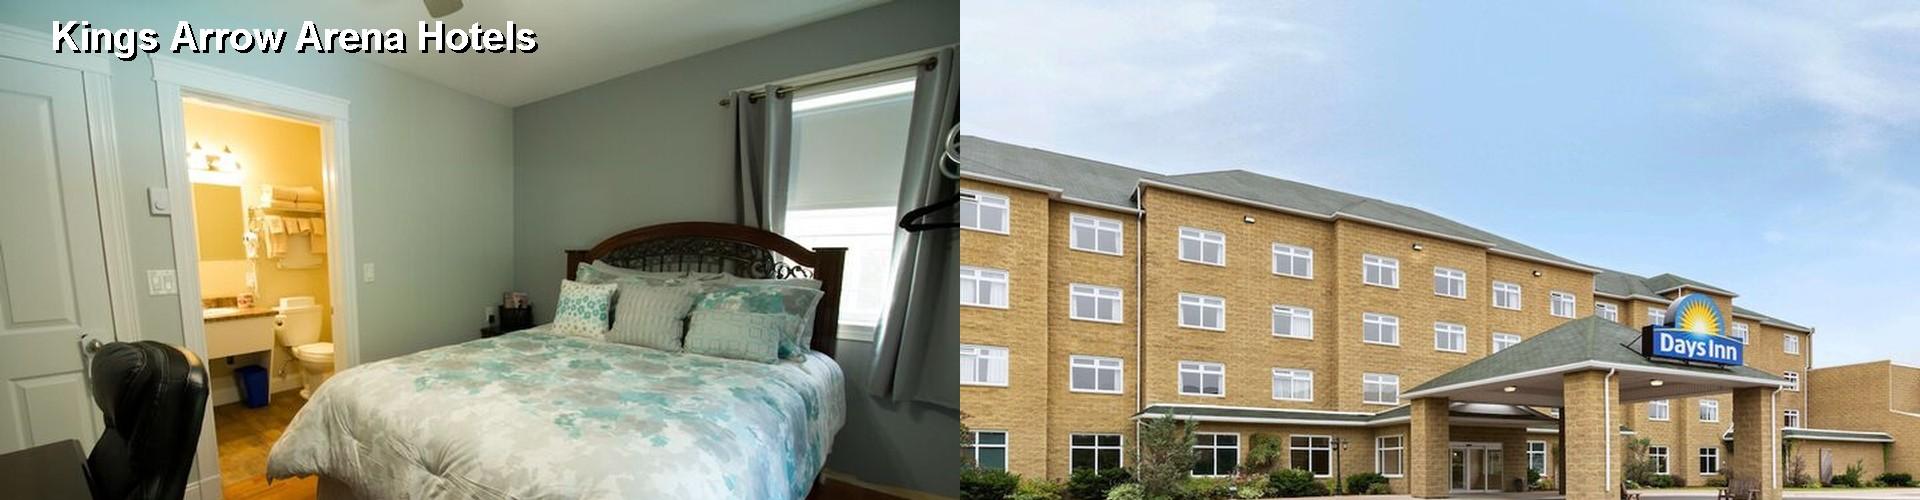 5 Best Hotels Near Kings Arrow Arena